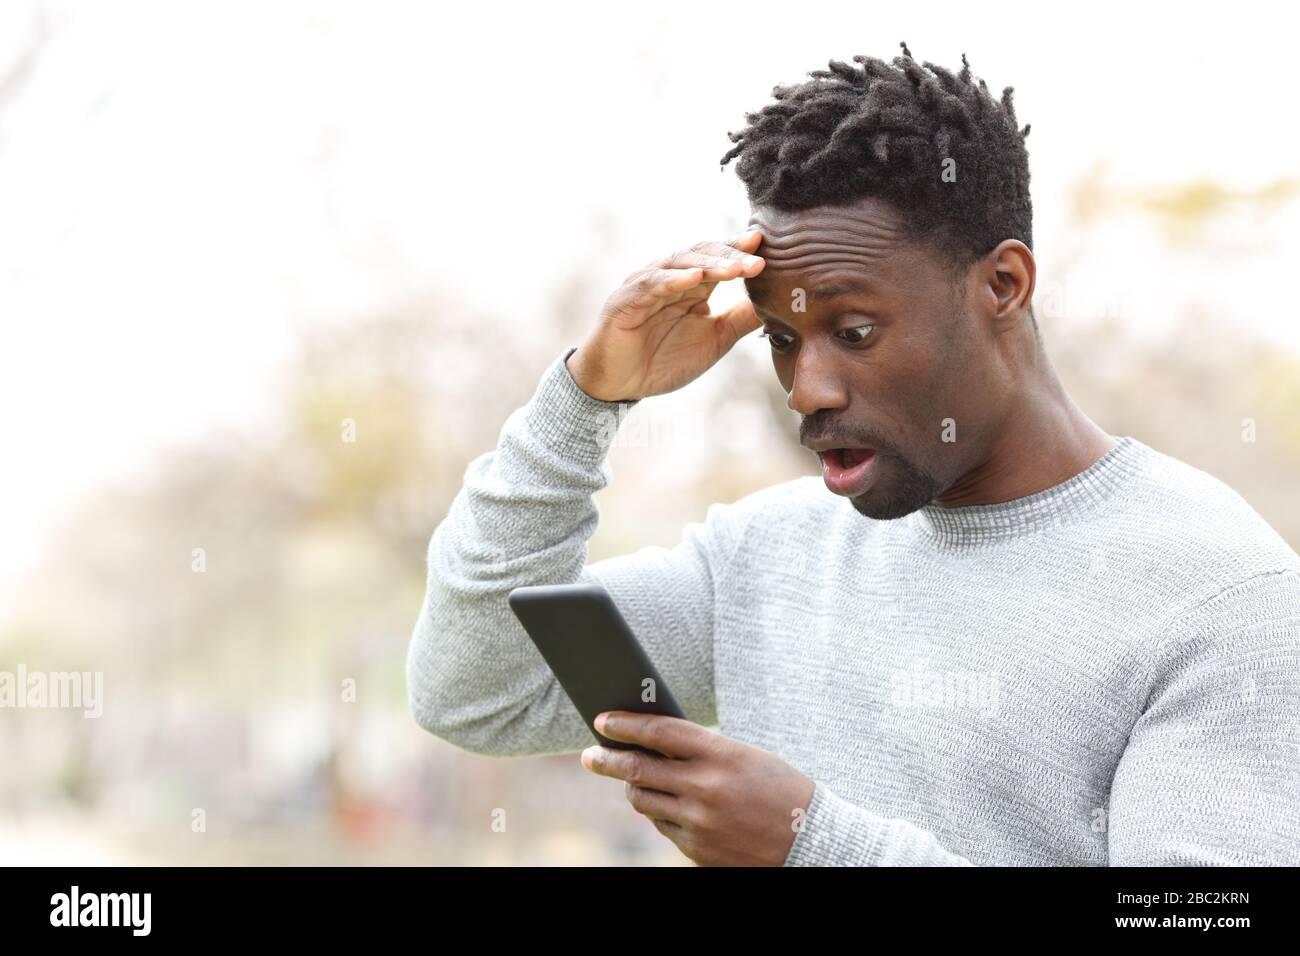 Sorprendido hombre negro comprobando teléfono móvil increíble noticias de pie en un parque Foto de stock